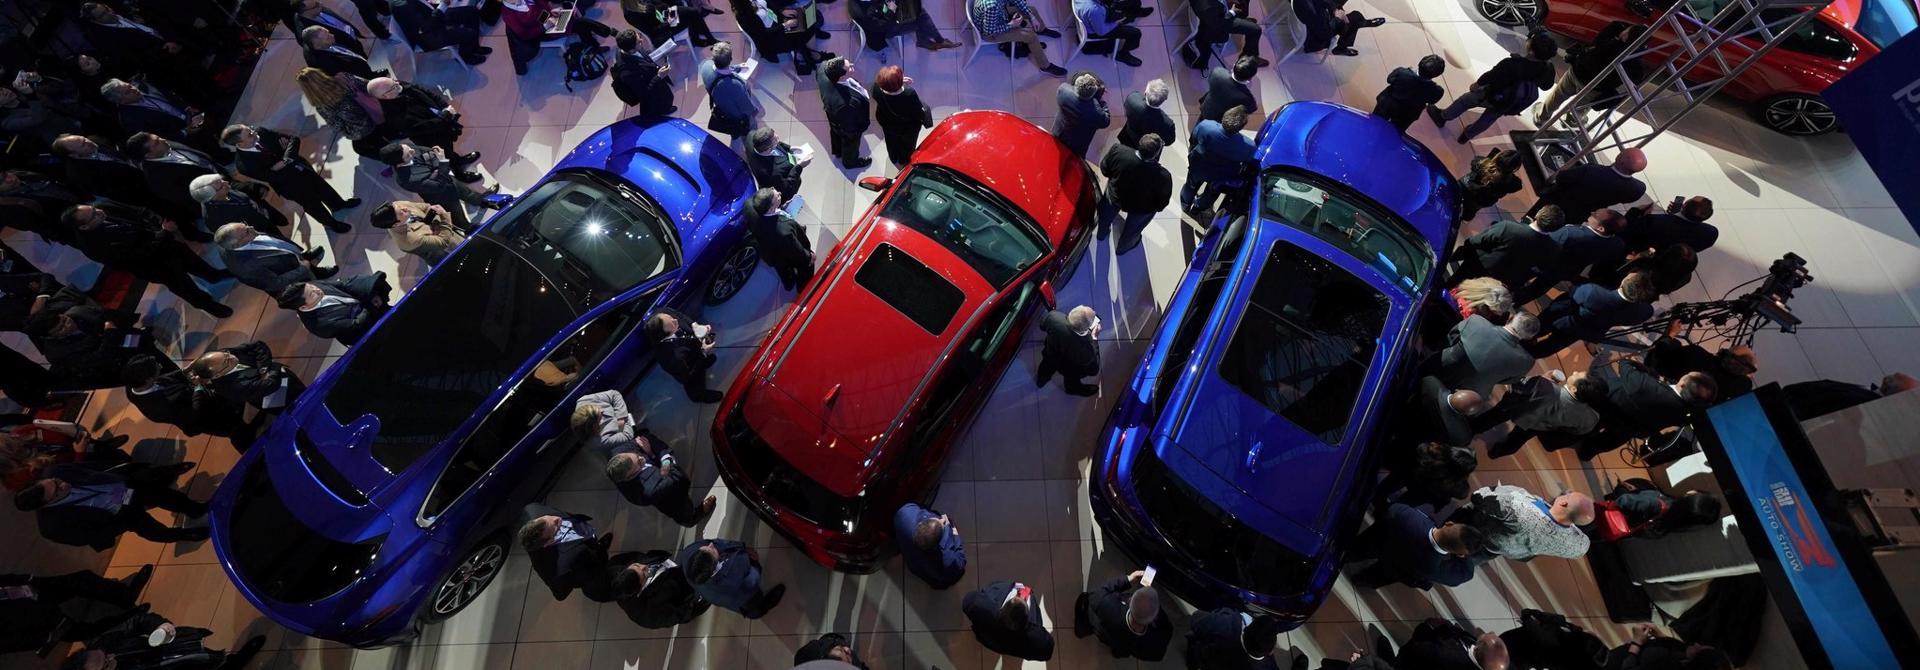 Sắp hết ưu đãi 50% phí trước bạ, ô tô tăng giá, cắt khuyến mãi?